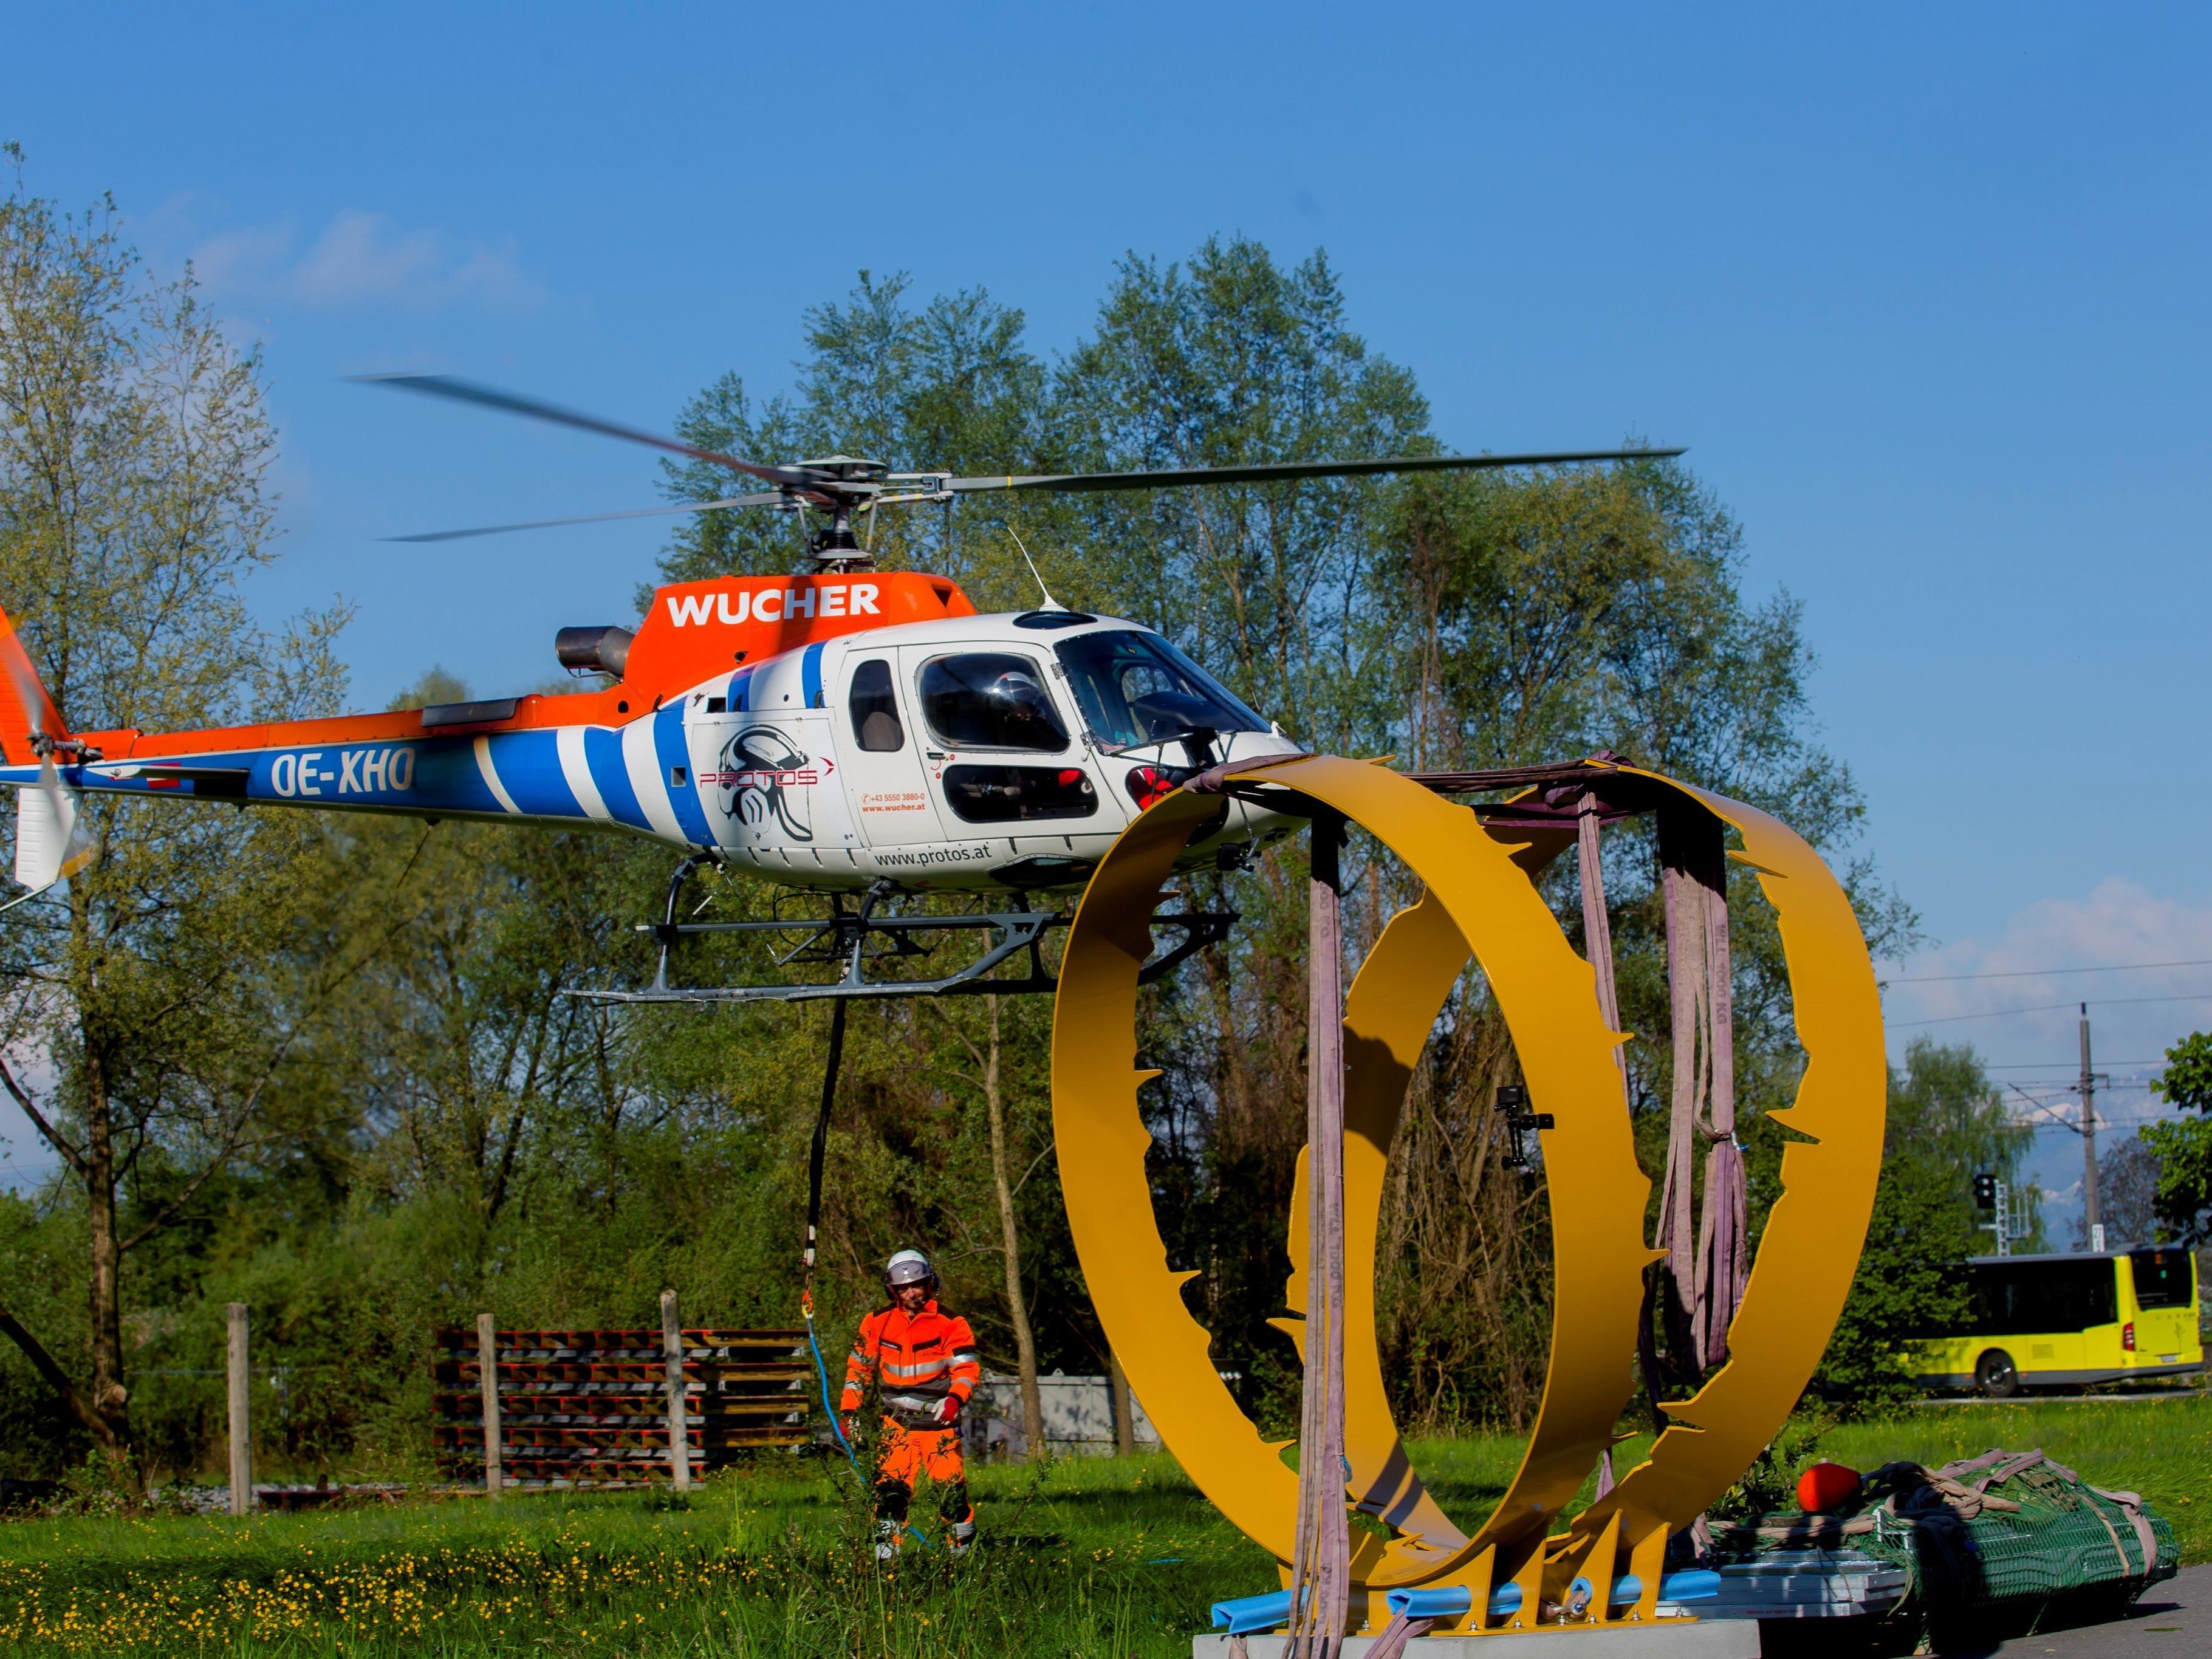 Die Skulptur wird per Hubschrauber zur Ruine Alt-Ems geflogen.